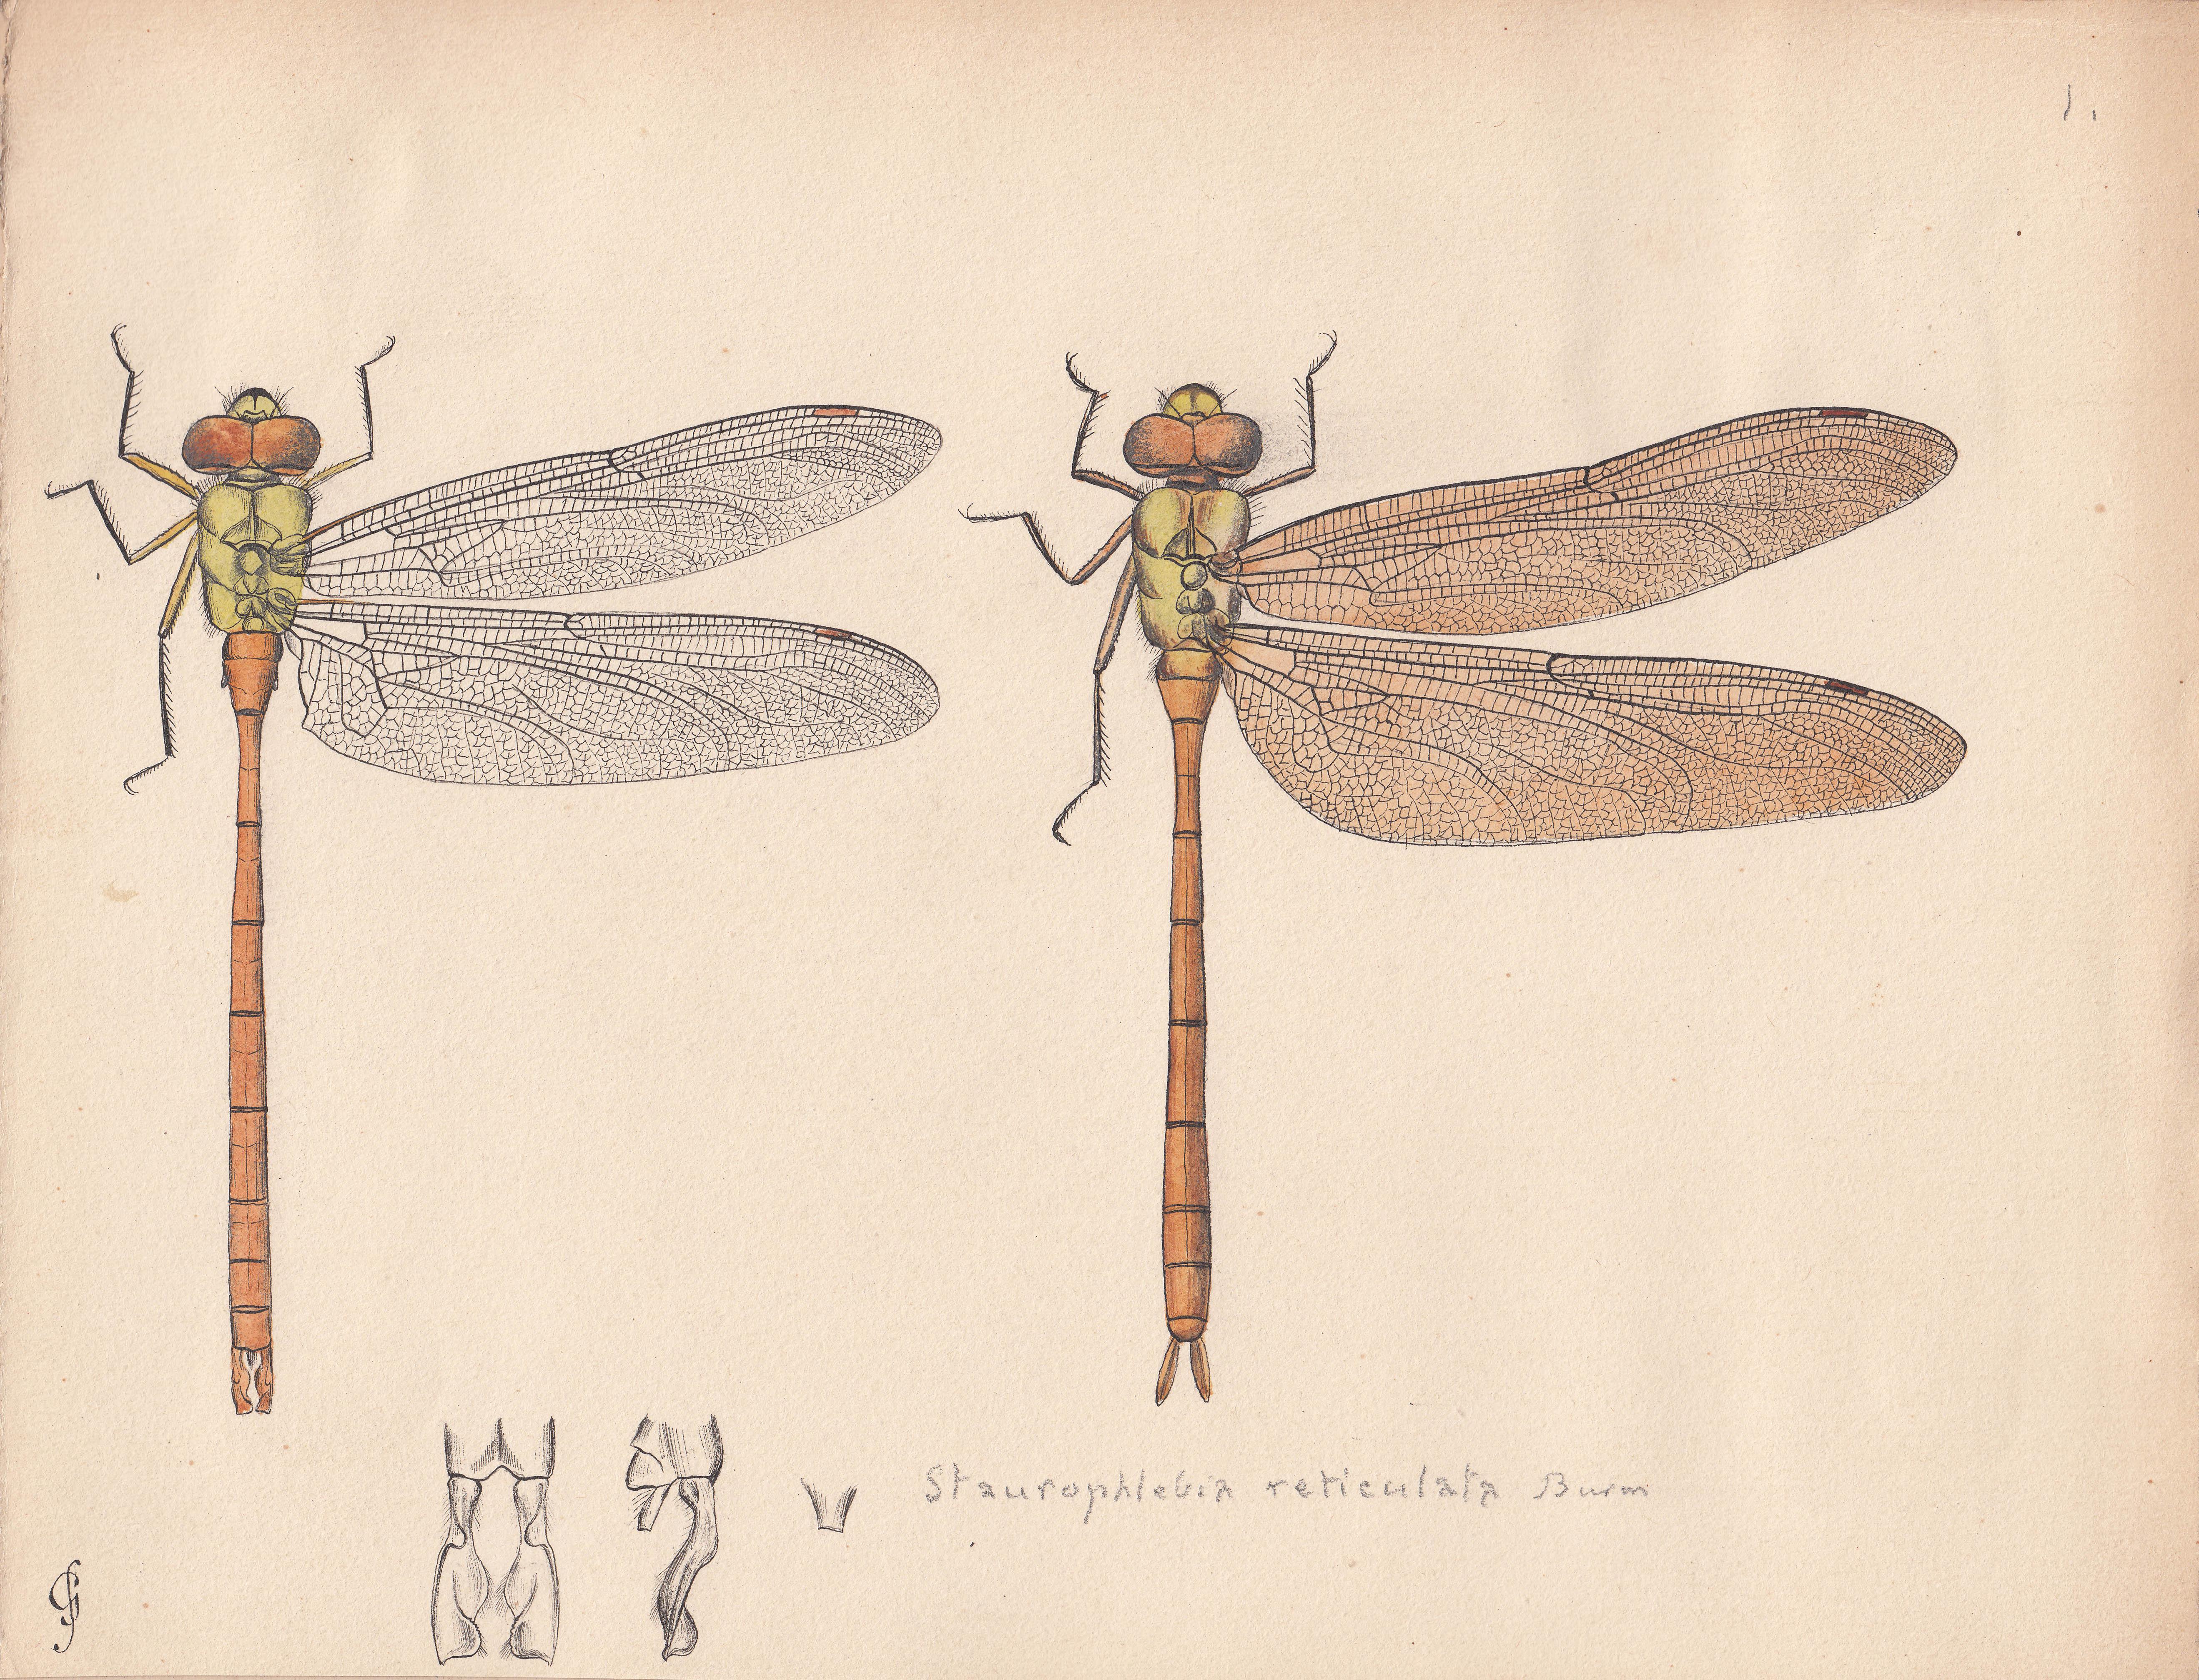 Staurophlebia reticulata.jpg